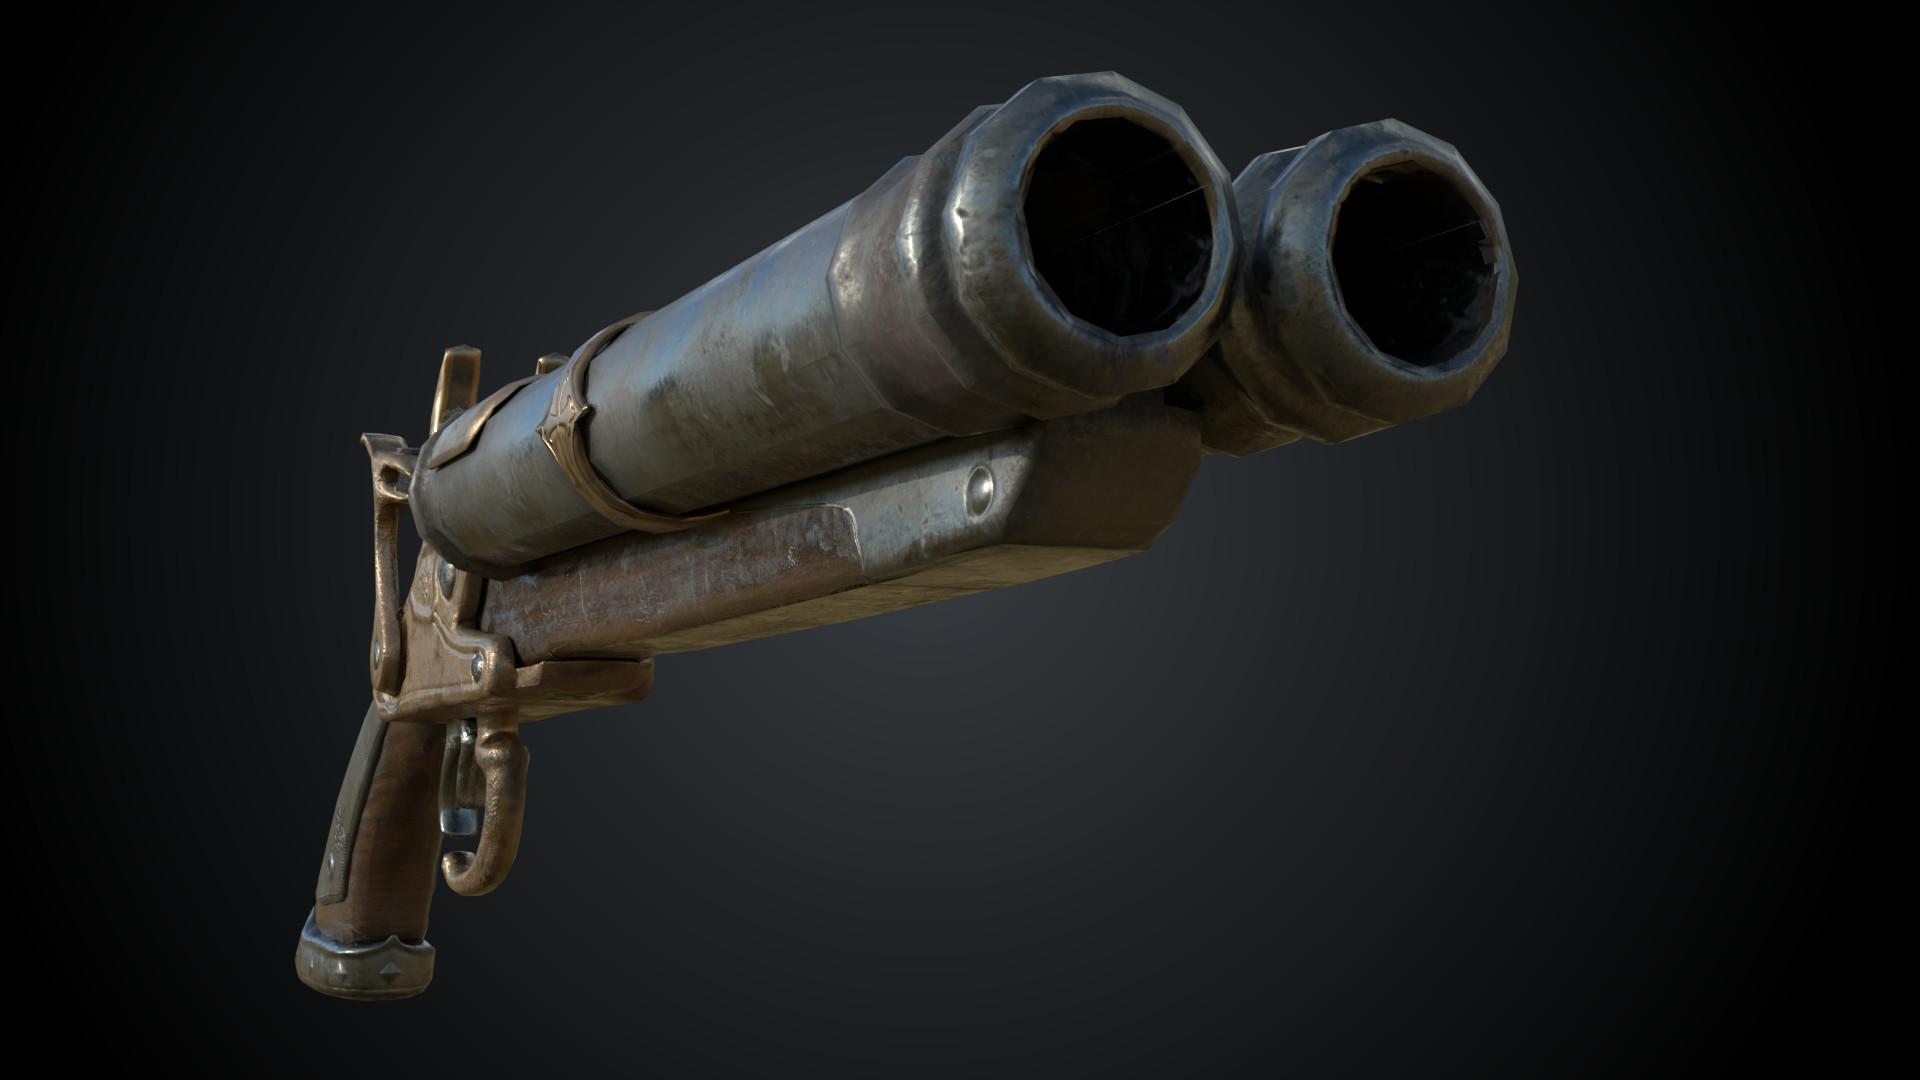 ArtStation - Musket Gun, Russell Mayer